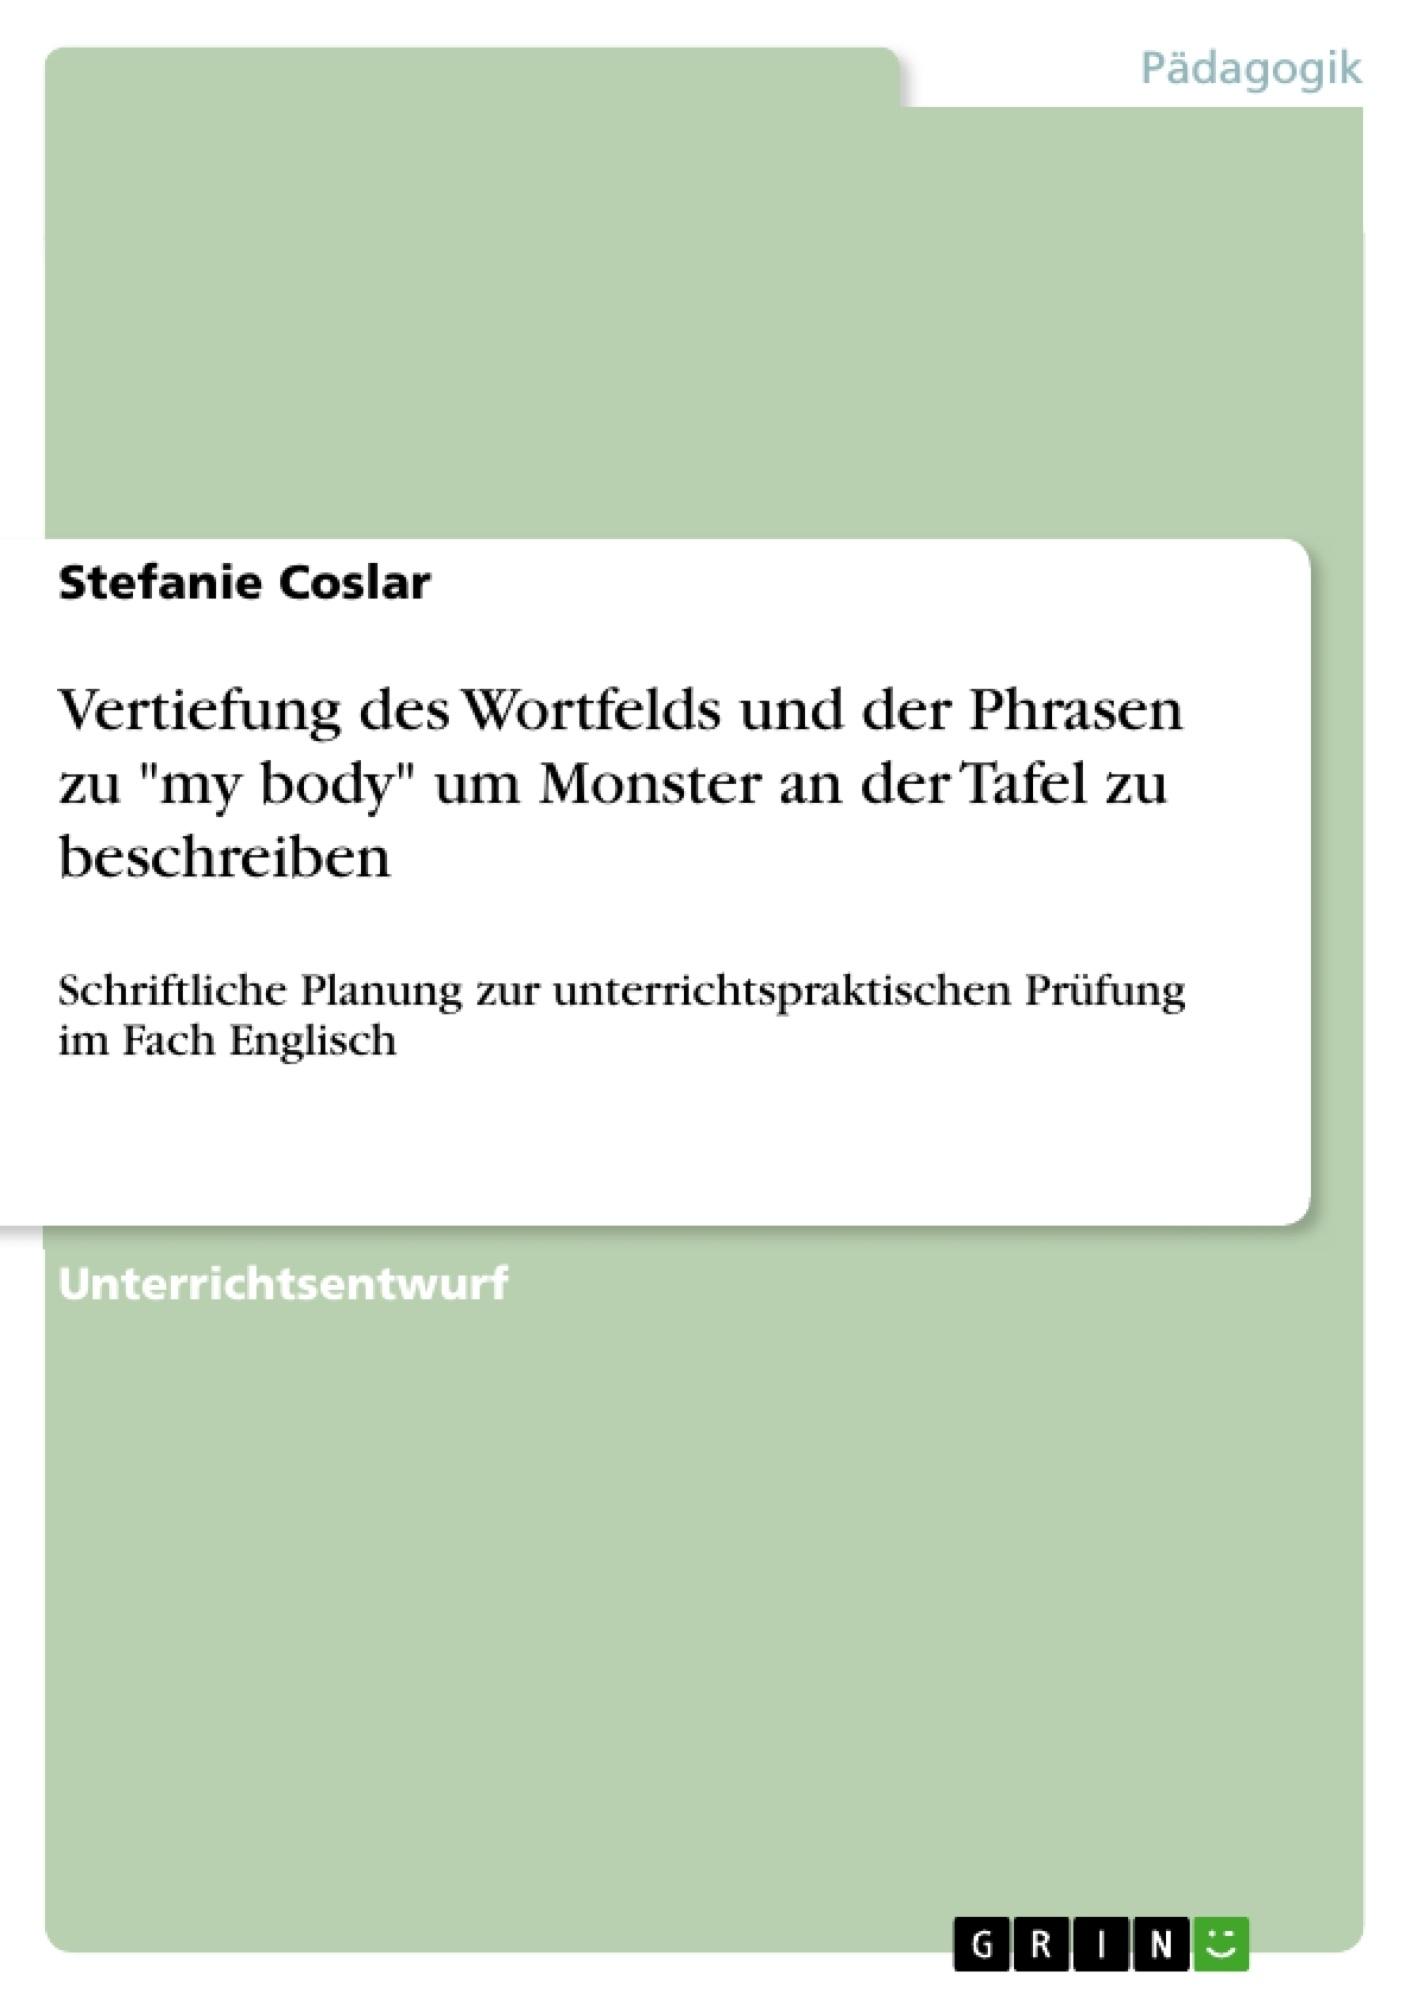 """Titel: Vertiefung des Wortfelds und der Phrasen zu """"my body"""" um Monster an der Tafel zu beschreiben"""